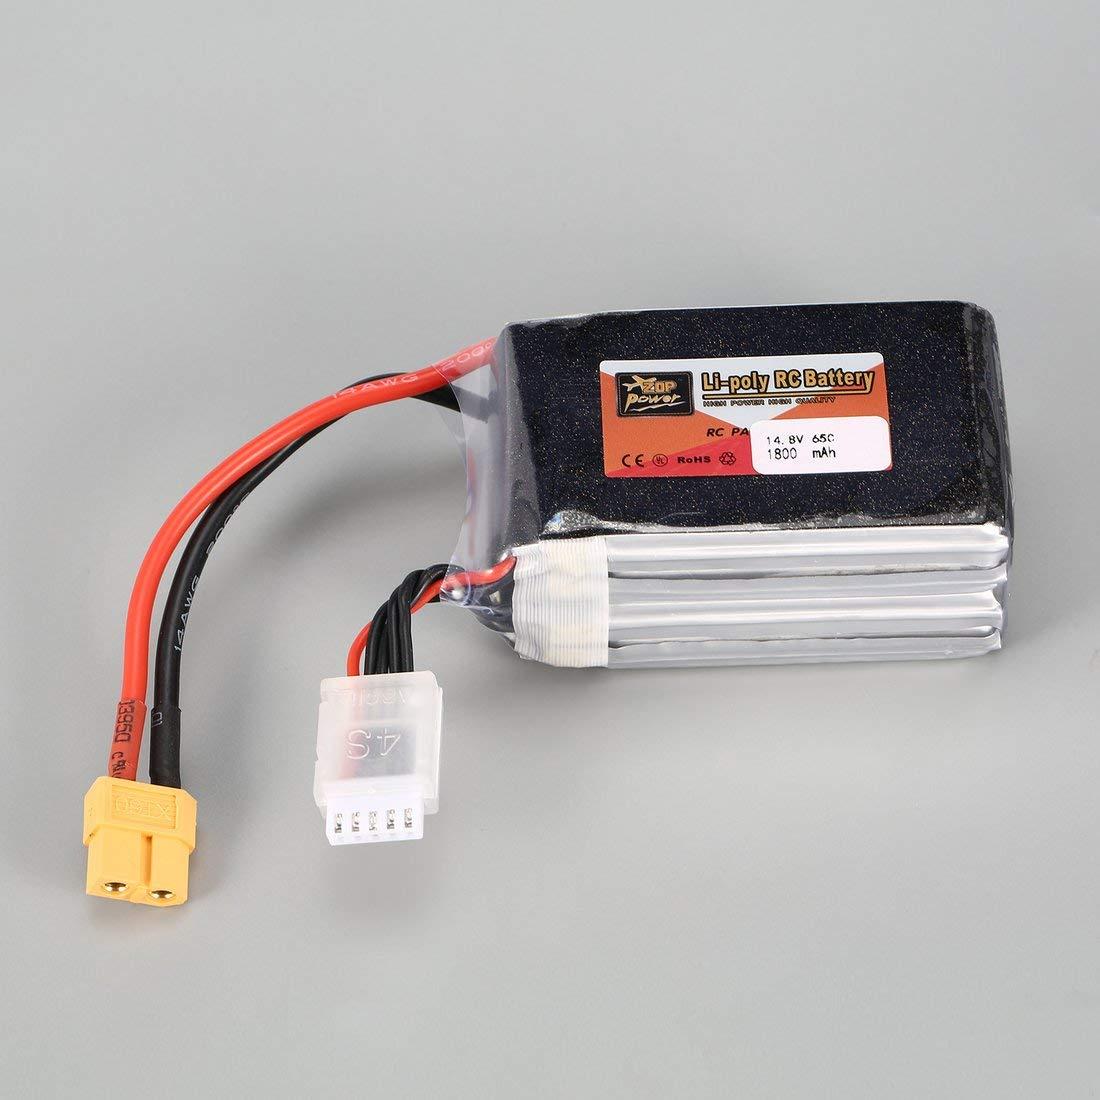 Dilwe Bater/ía RC LiPo 7.4V 5200mAh 25C T Enchufe Bater/ía Recargable de Litio LiPo para Modelos RC Coche Avi/ón Barco